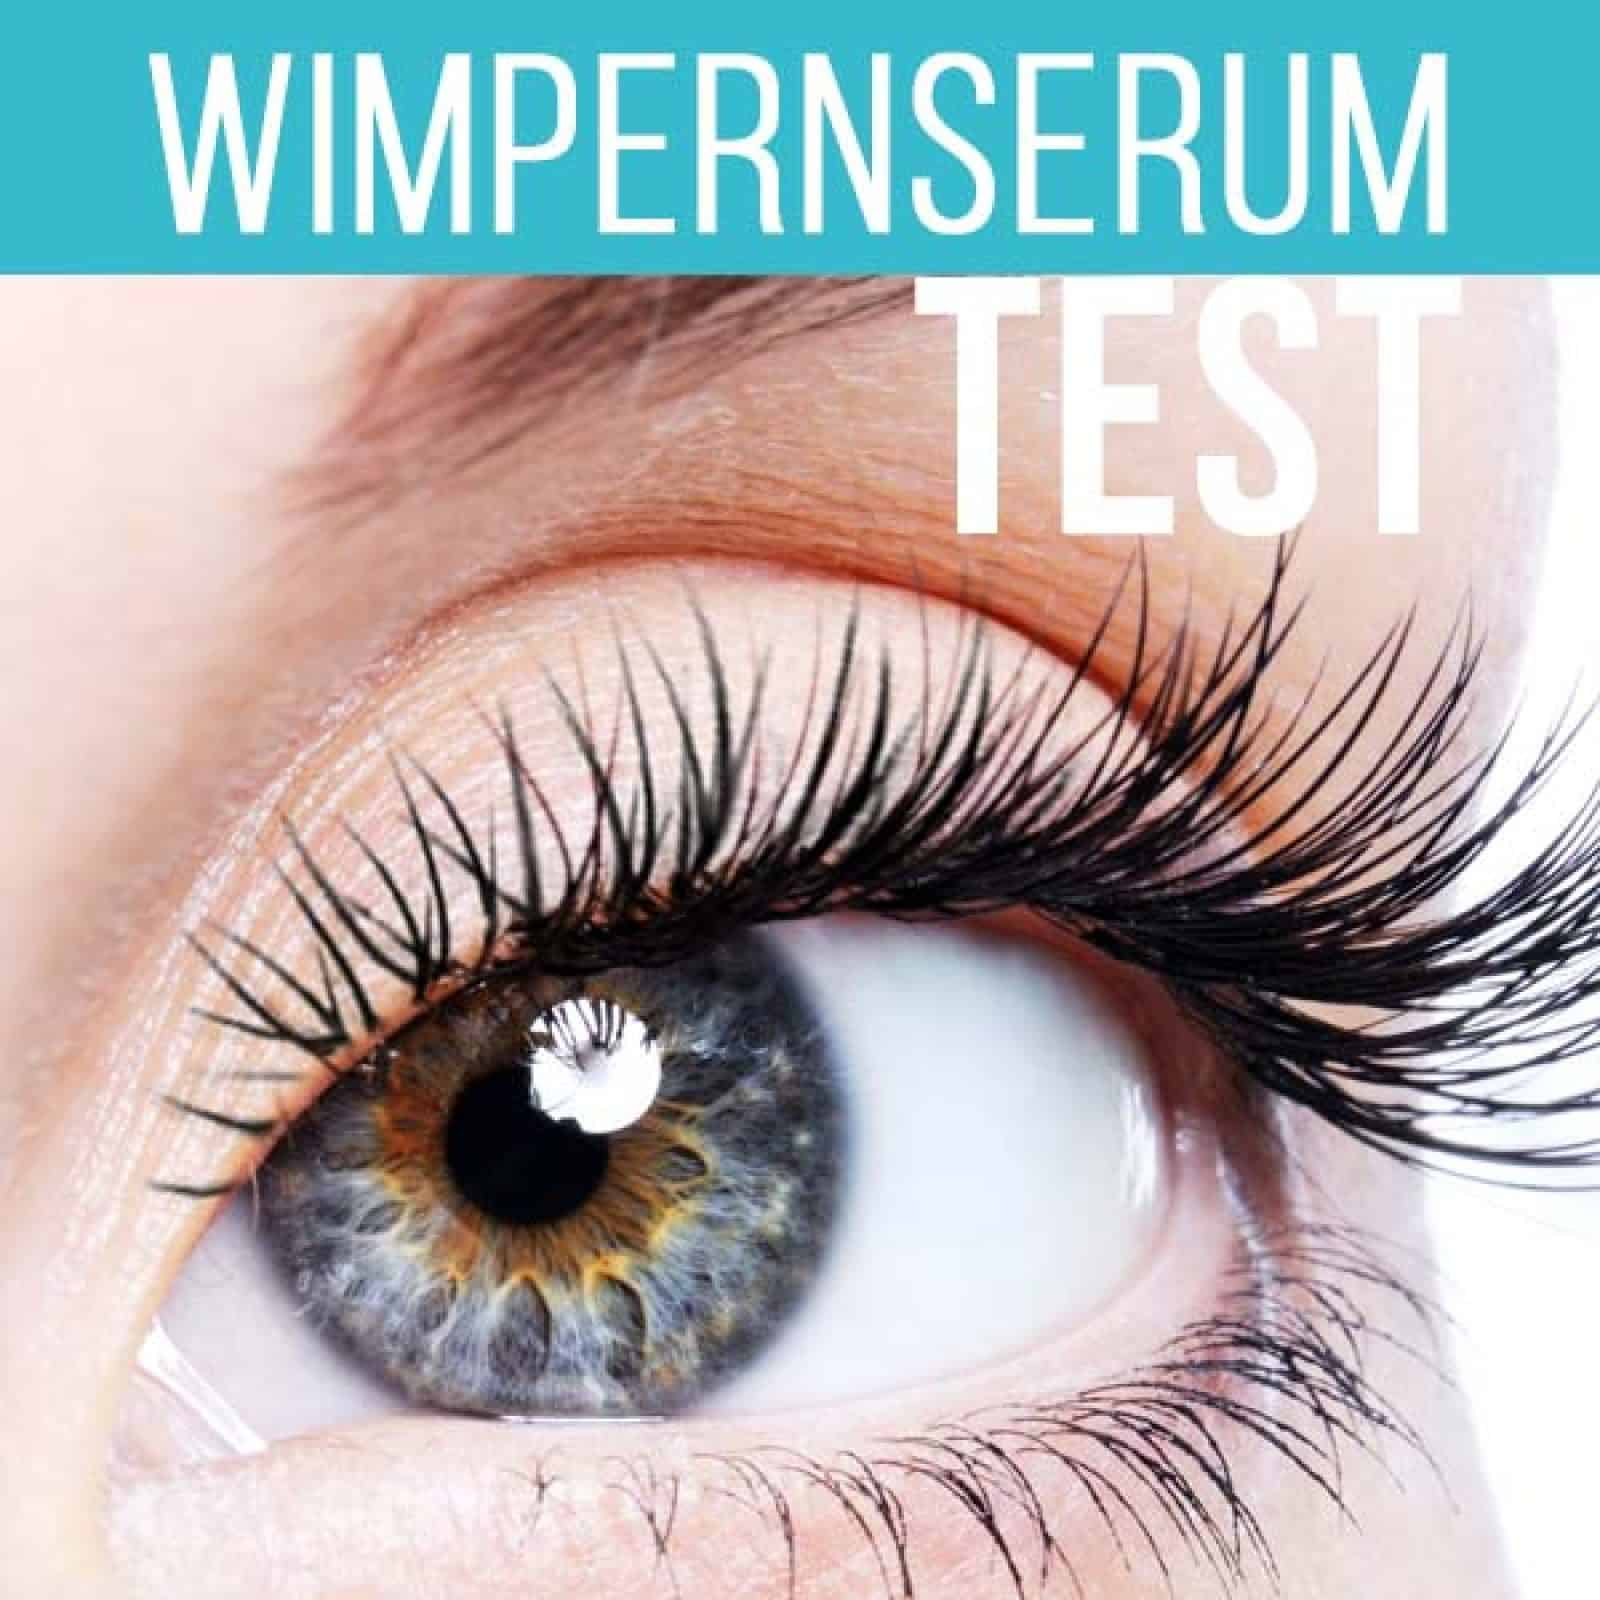 Wimpernserum Test 2019 beste Wimpernserum